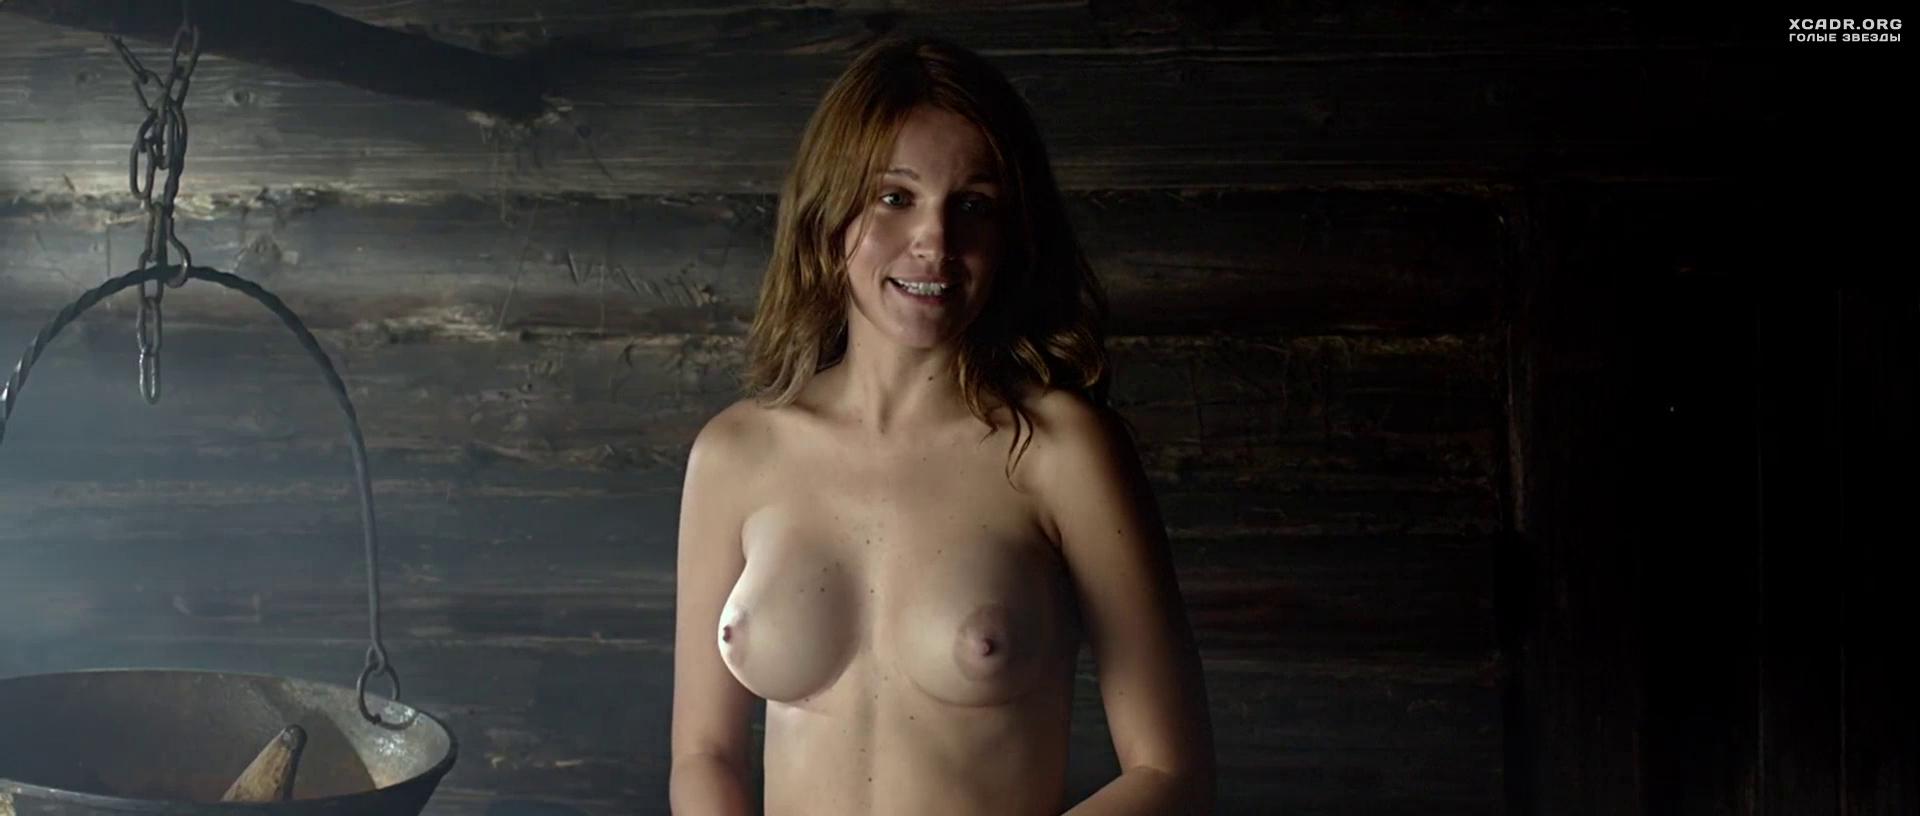 bolshie-zhopi-ekaterina-vilkova-porno-video-masturbatsiya-kompyuterniy